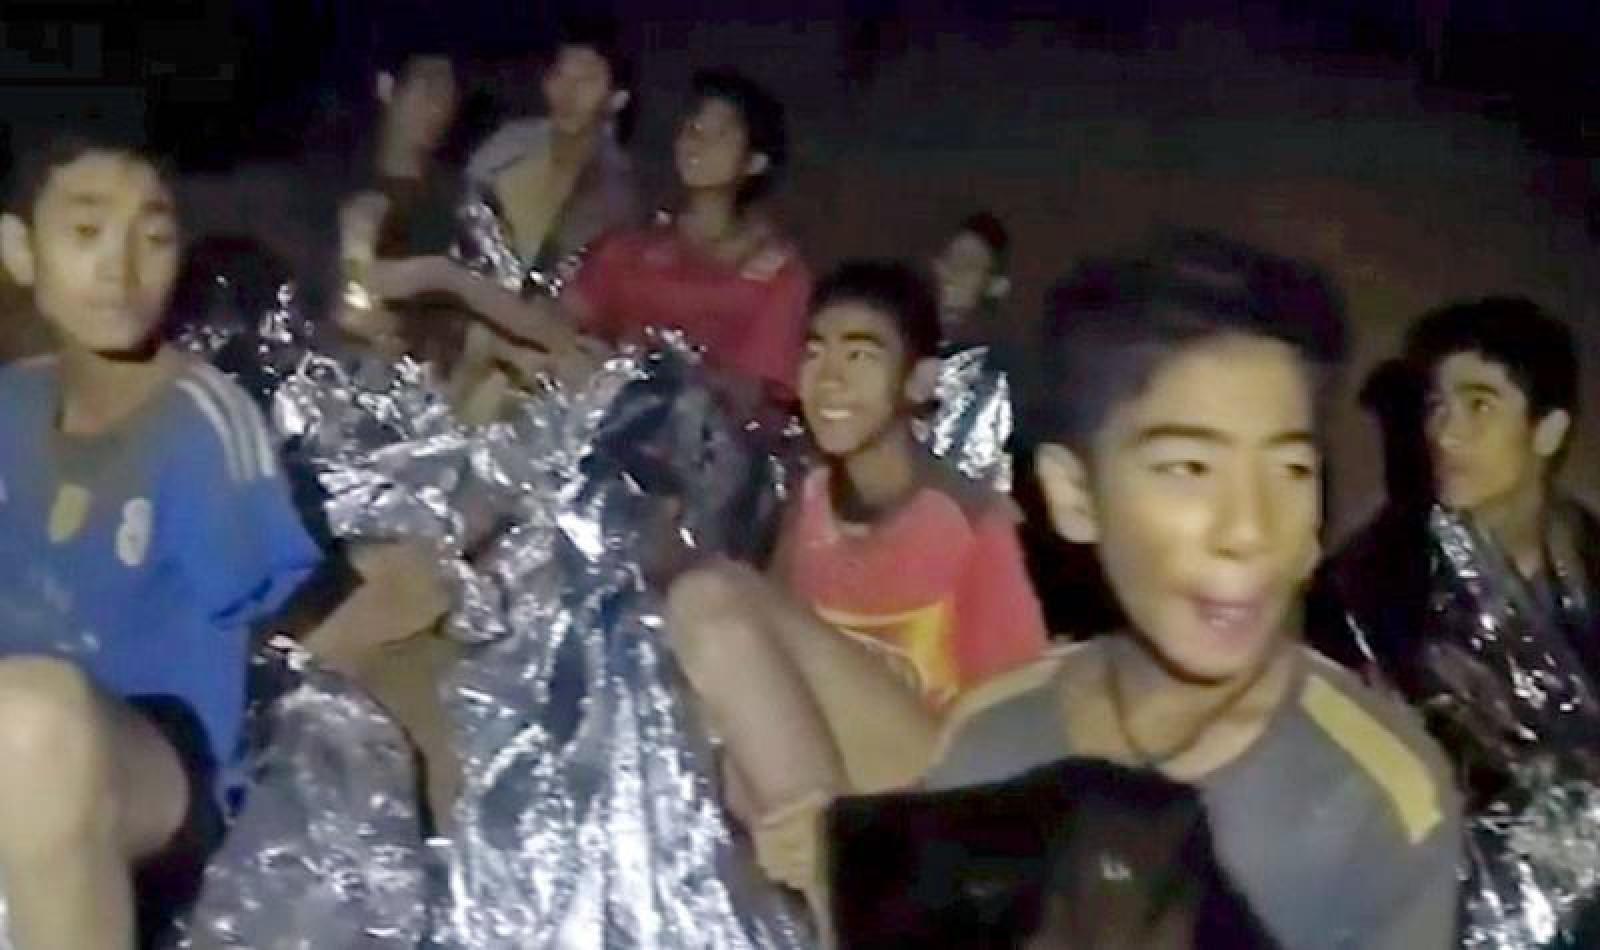 Thailanda: Toți cei 12 copii și antrenorul lor de fotbal, scoși cu succes din peștera inundată, după 17 zile